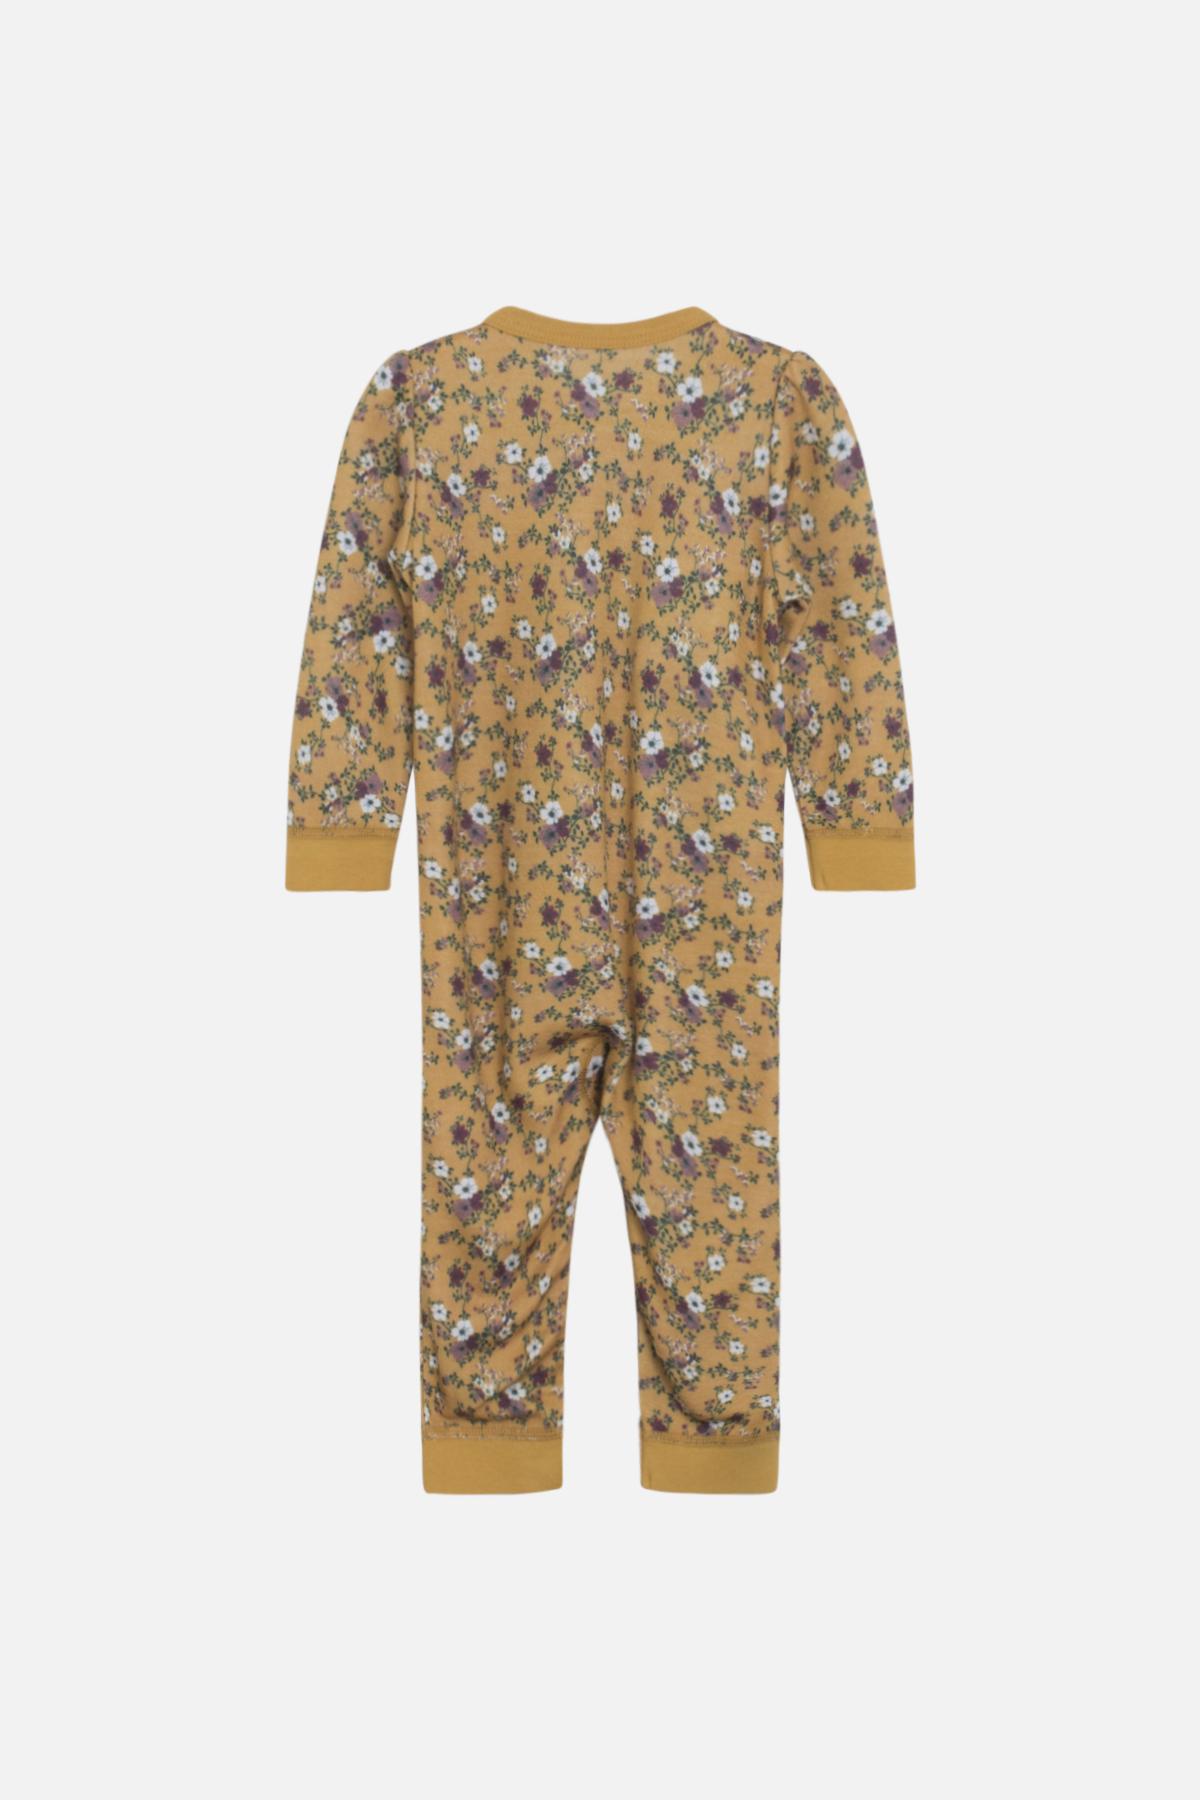 Kids Wool/Bamboo - Malai - Nightwear